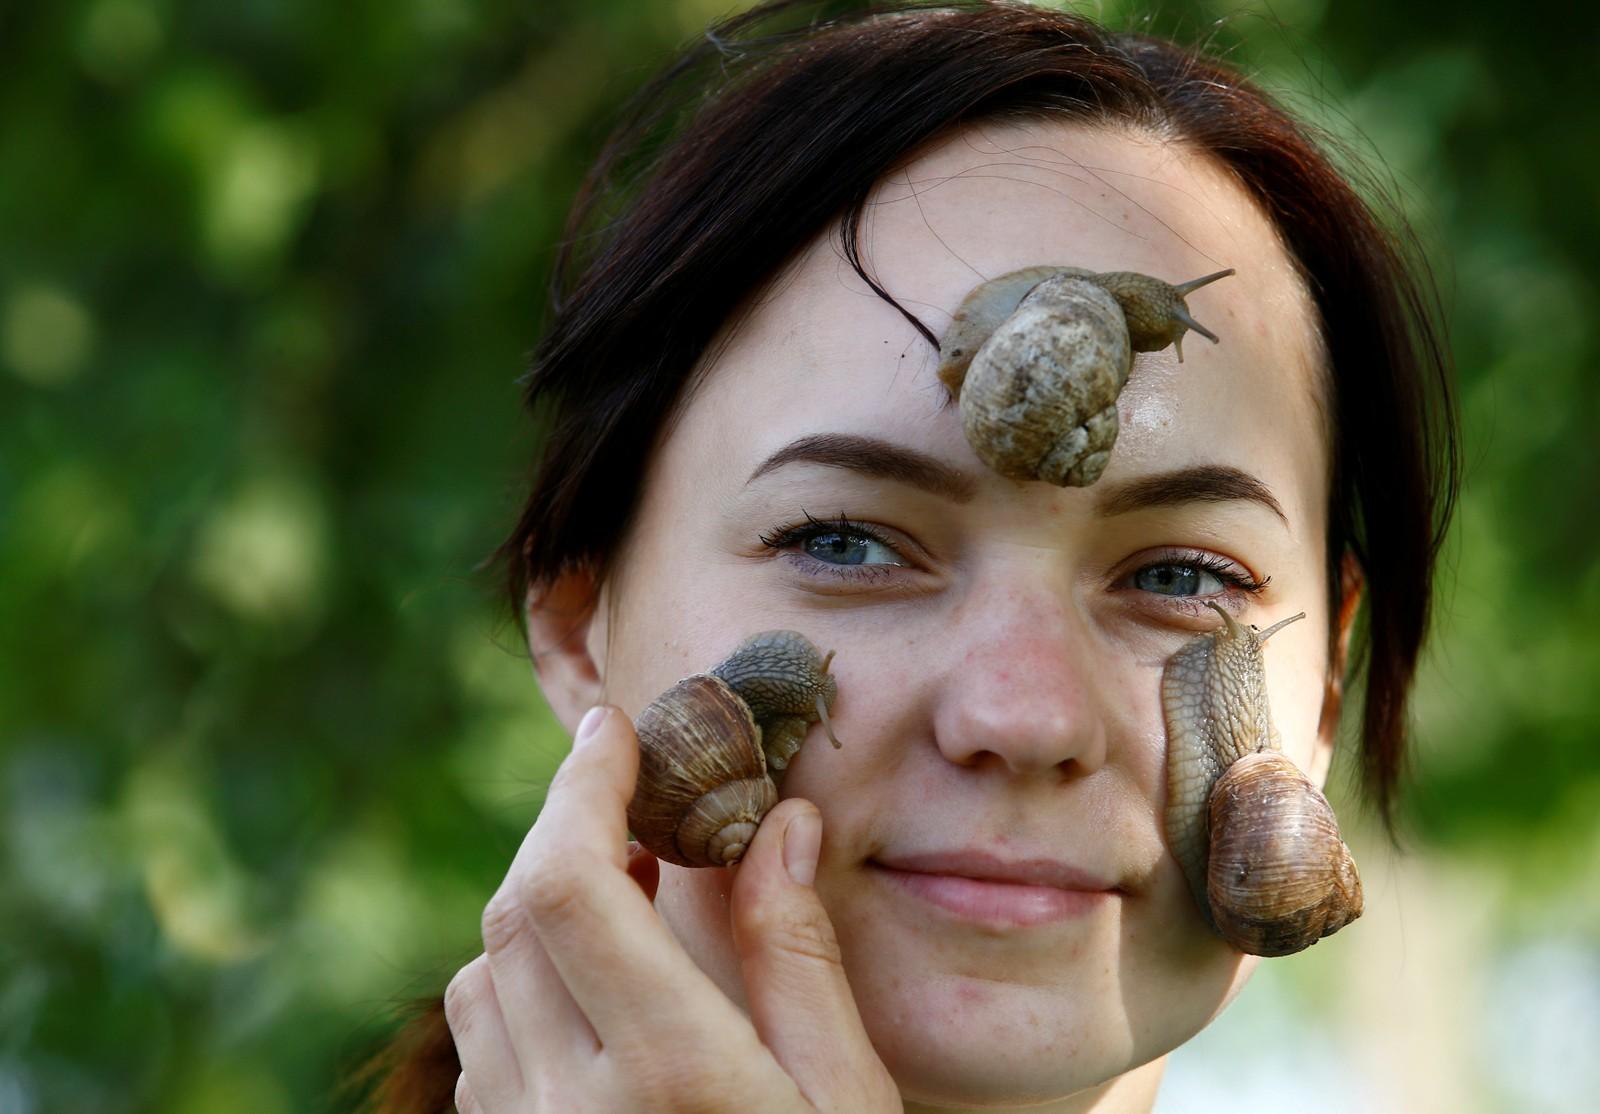 Victoria Rabkova og mannen Vladimir har en sneglefarm i landsbyen Dolginovo, Hviterussland. I tillegg til å være en gastronomisk delikatesse, hevder produsenten at sneglen også er bra for huden.